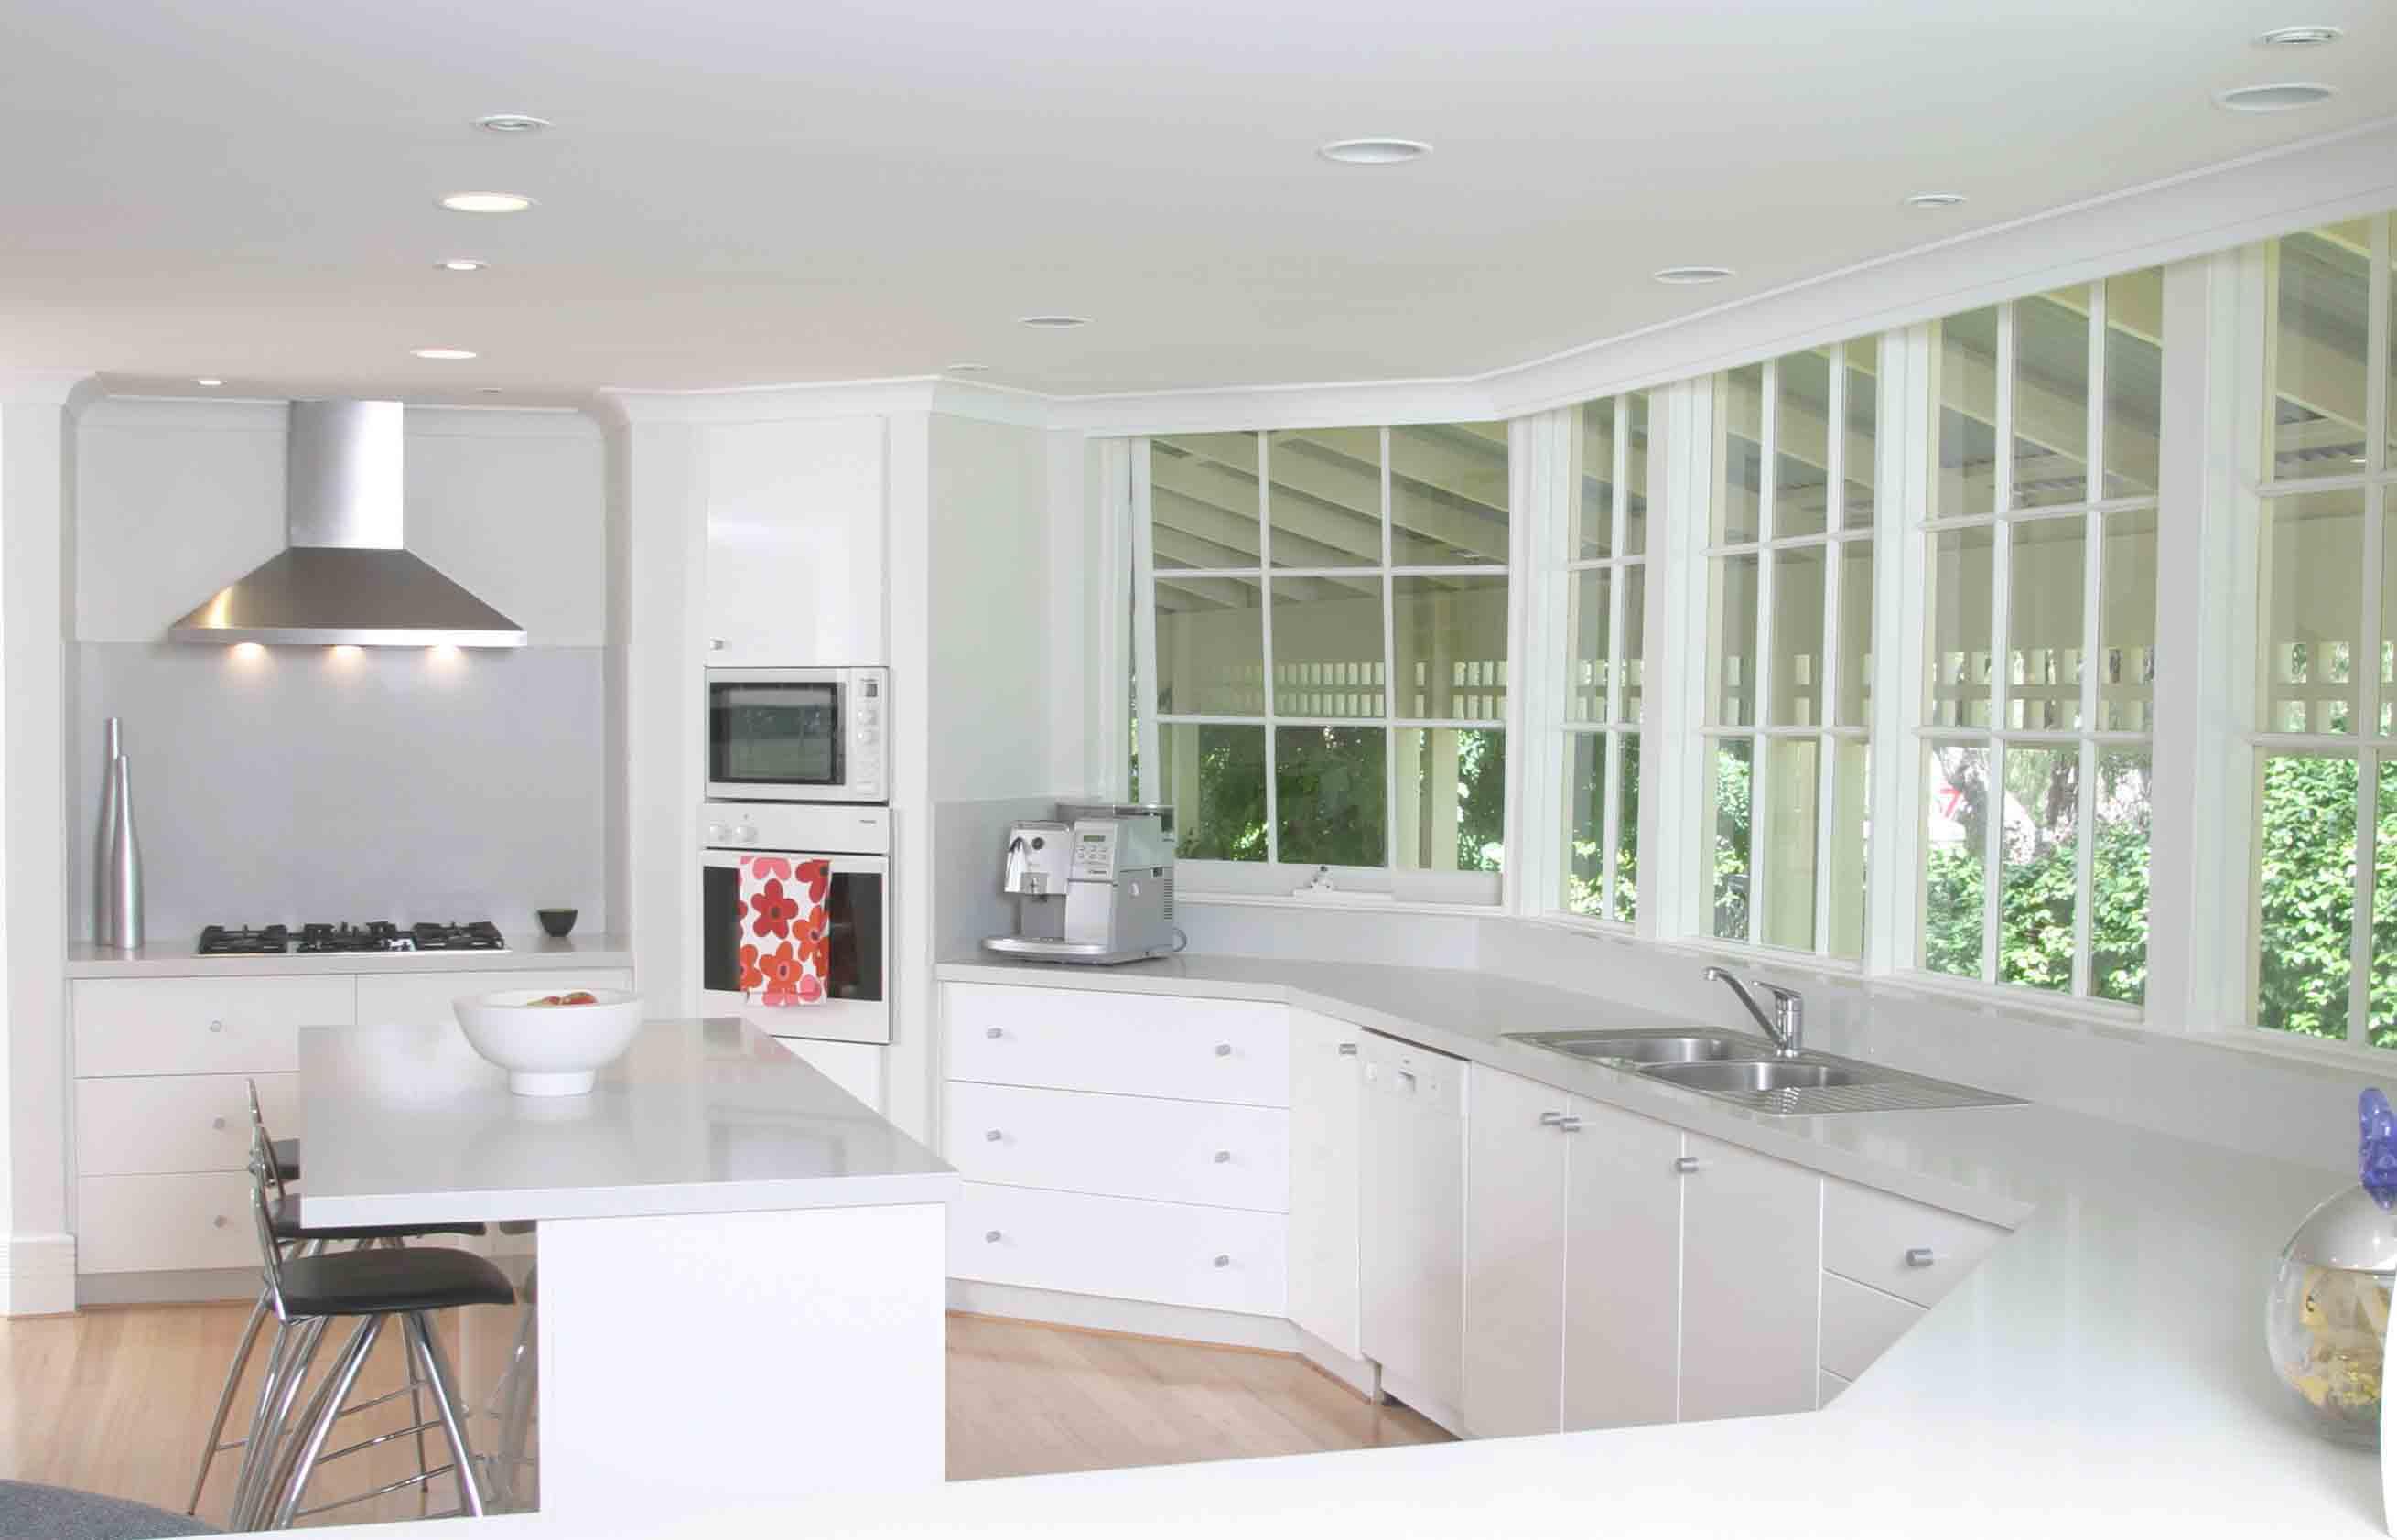 small white kitchen ideas photo - 1